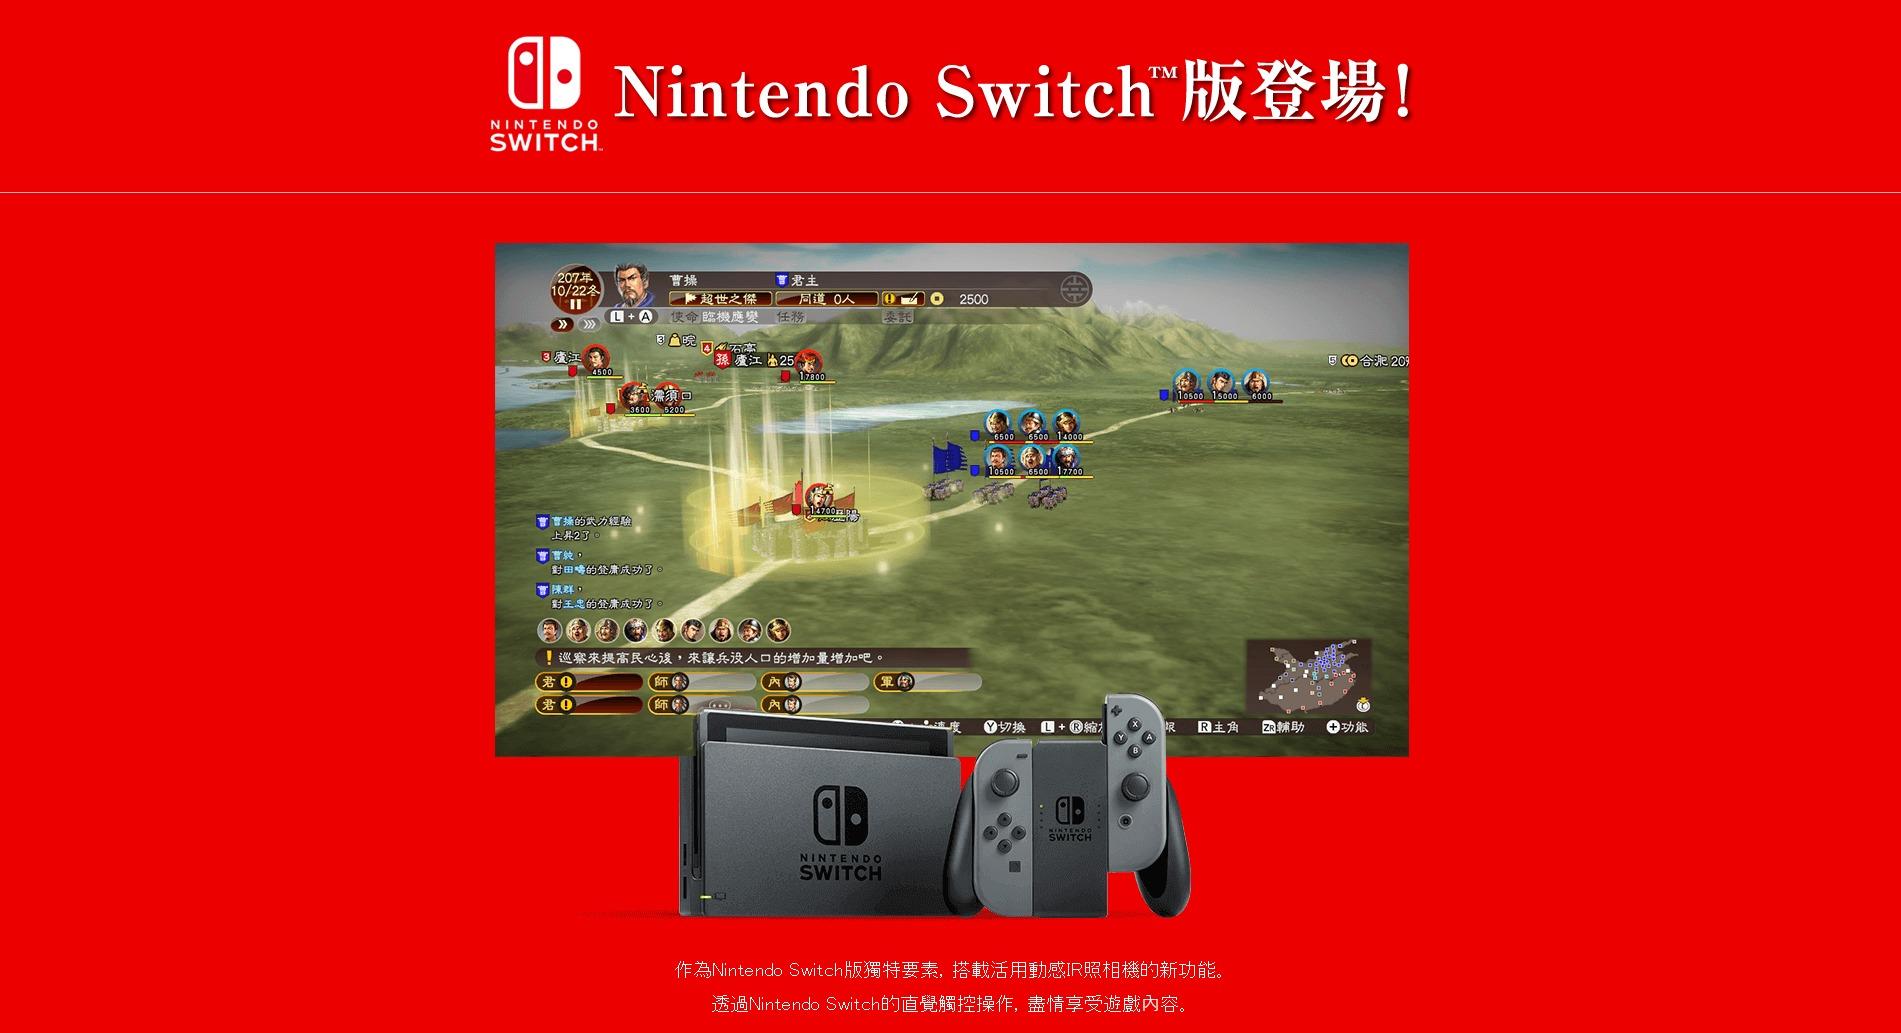 《三国志13》中文版Switch登陆日确认 11月28日正式发售